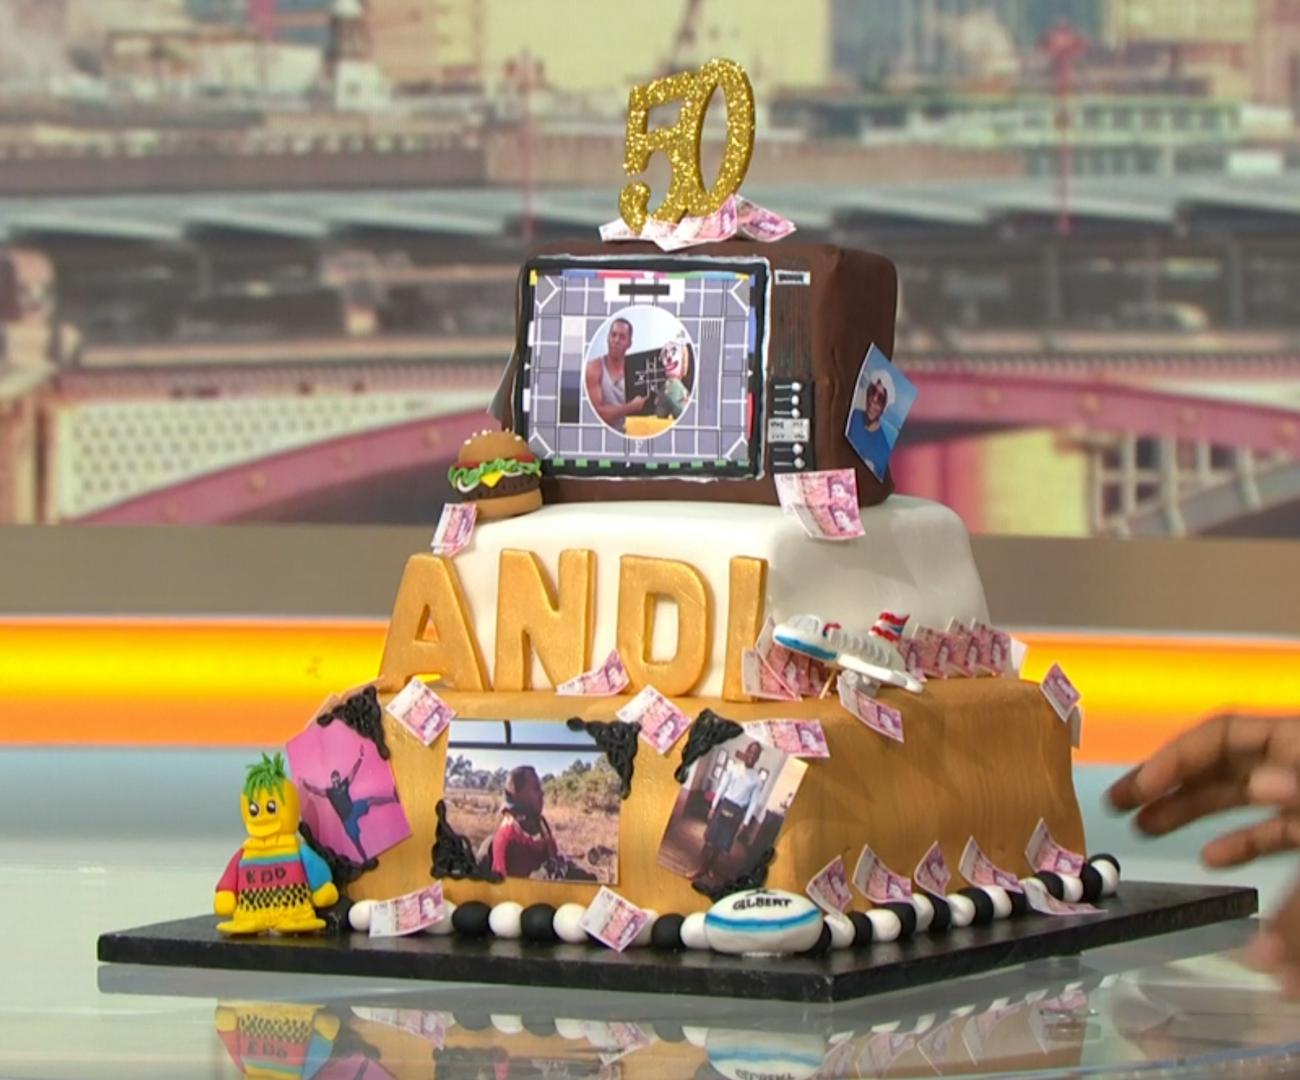 Andi Peters birthday cake (Credit: ITV)